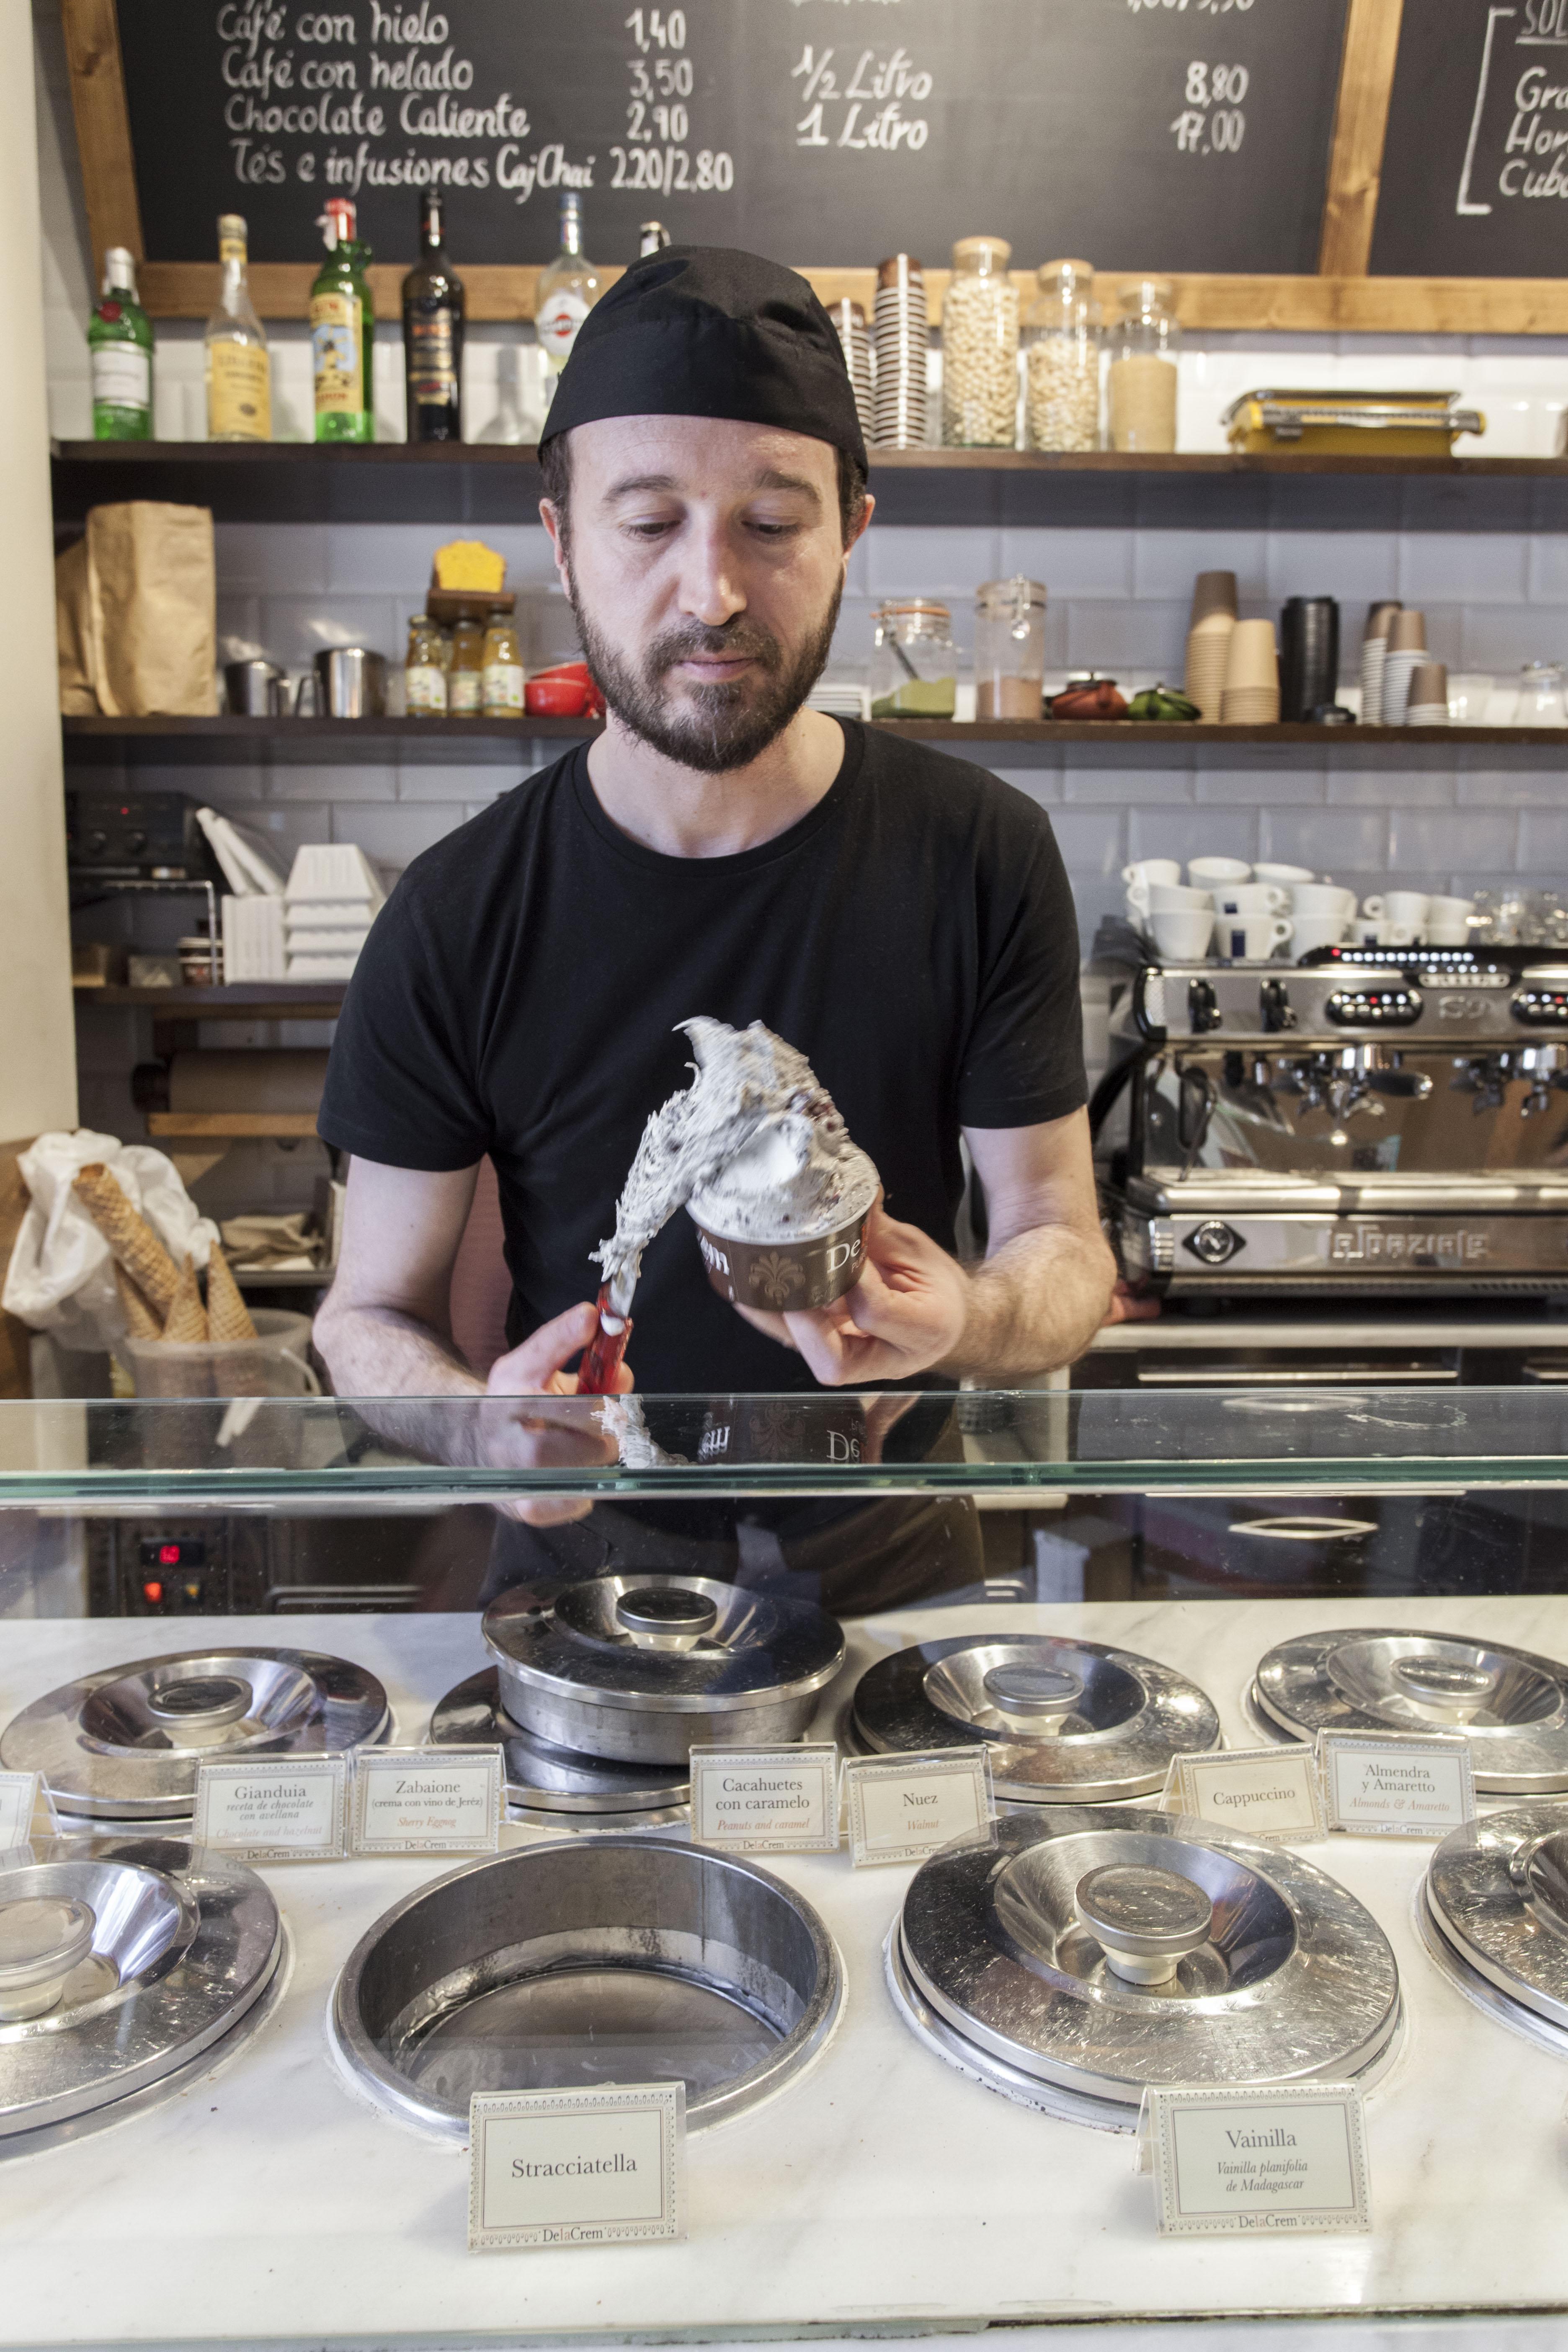 delacrem gelateria